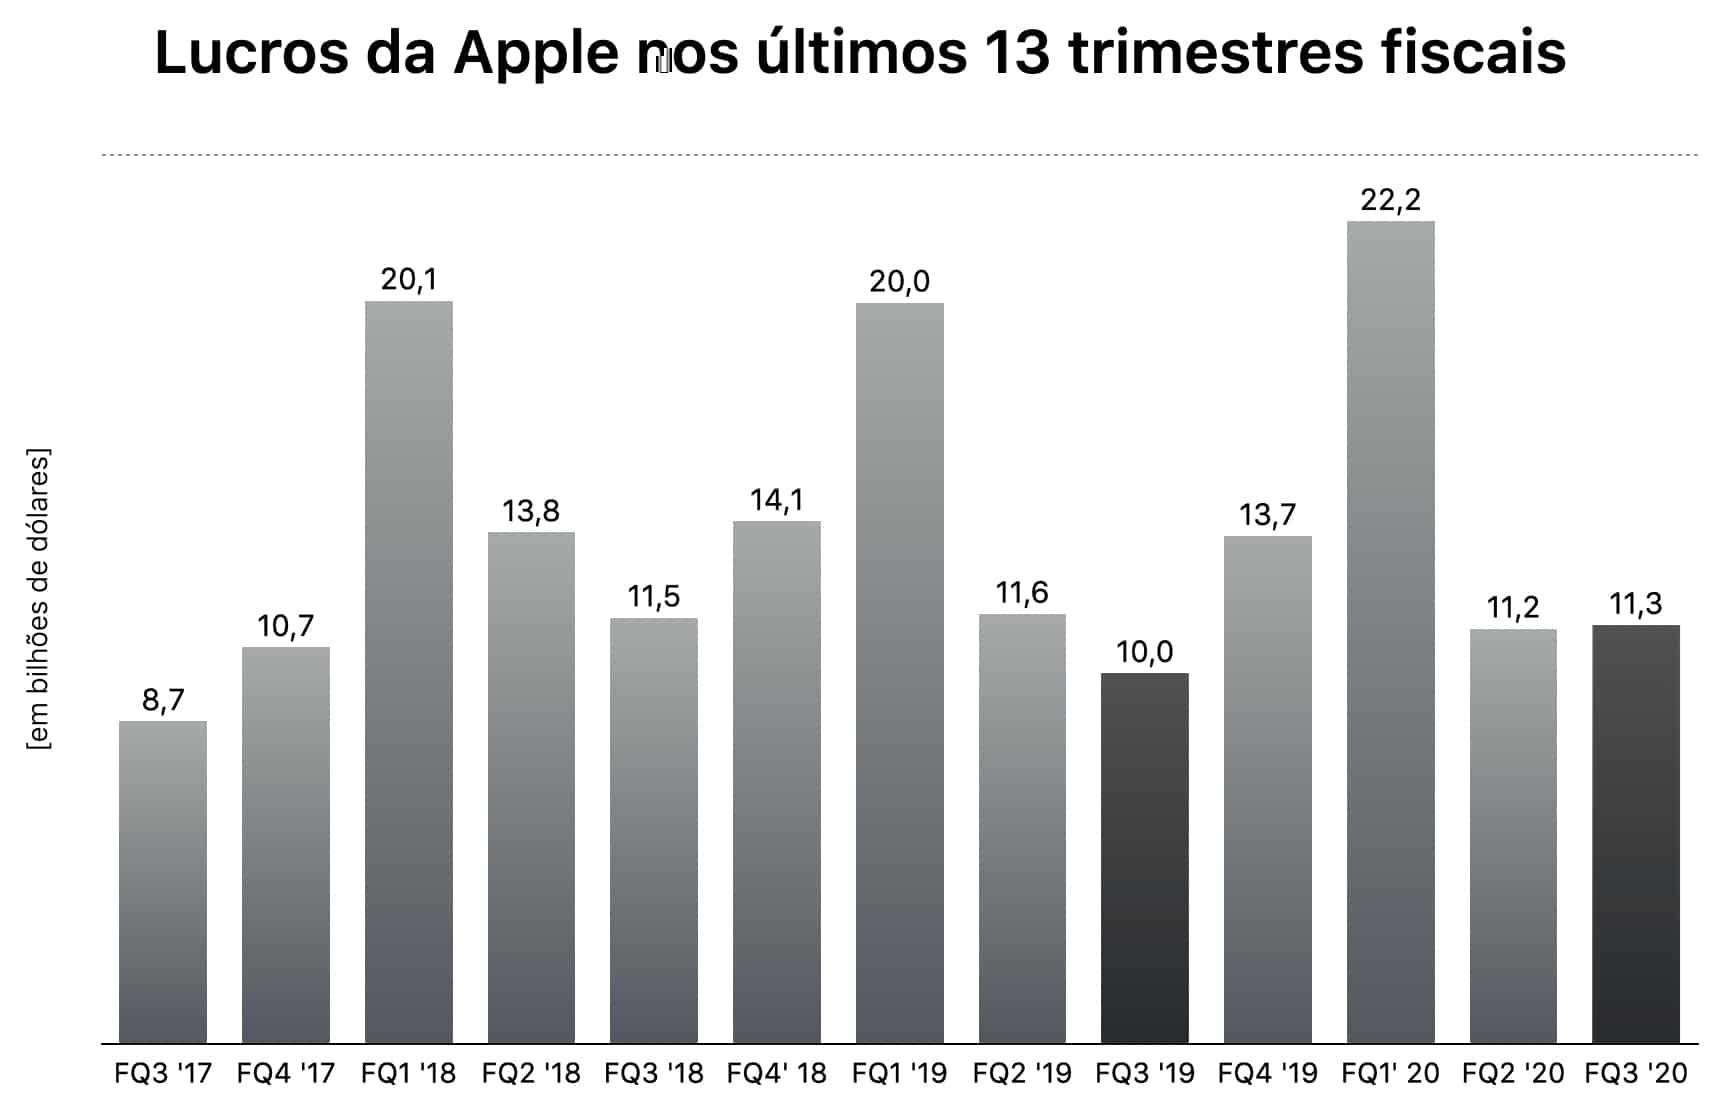 Gráfico do terceiro trimestre fiscal de 2020 da Apple